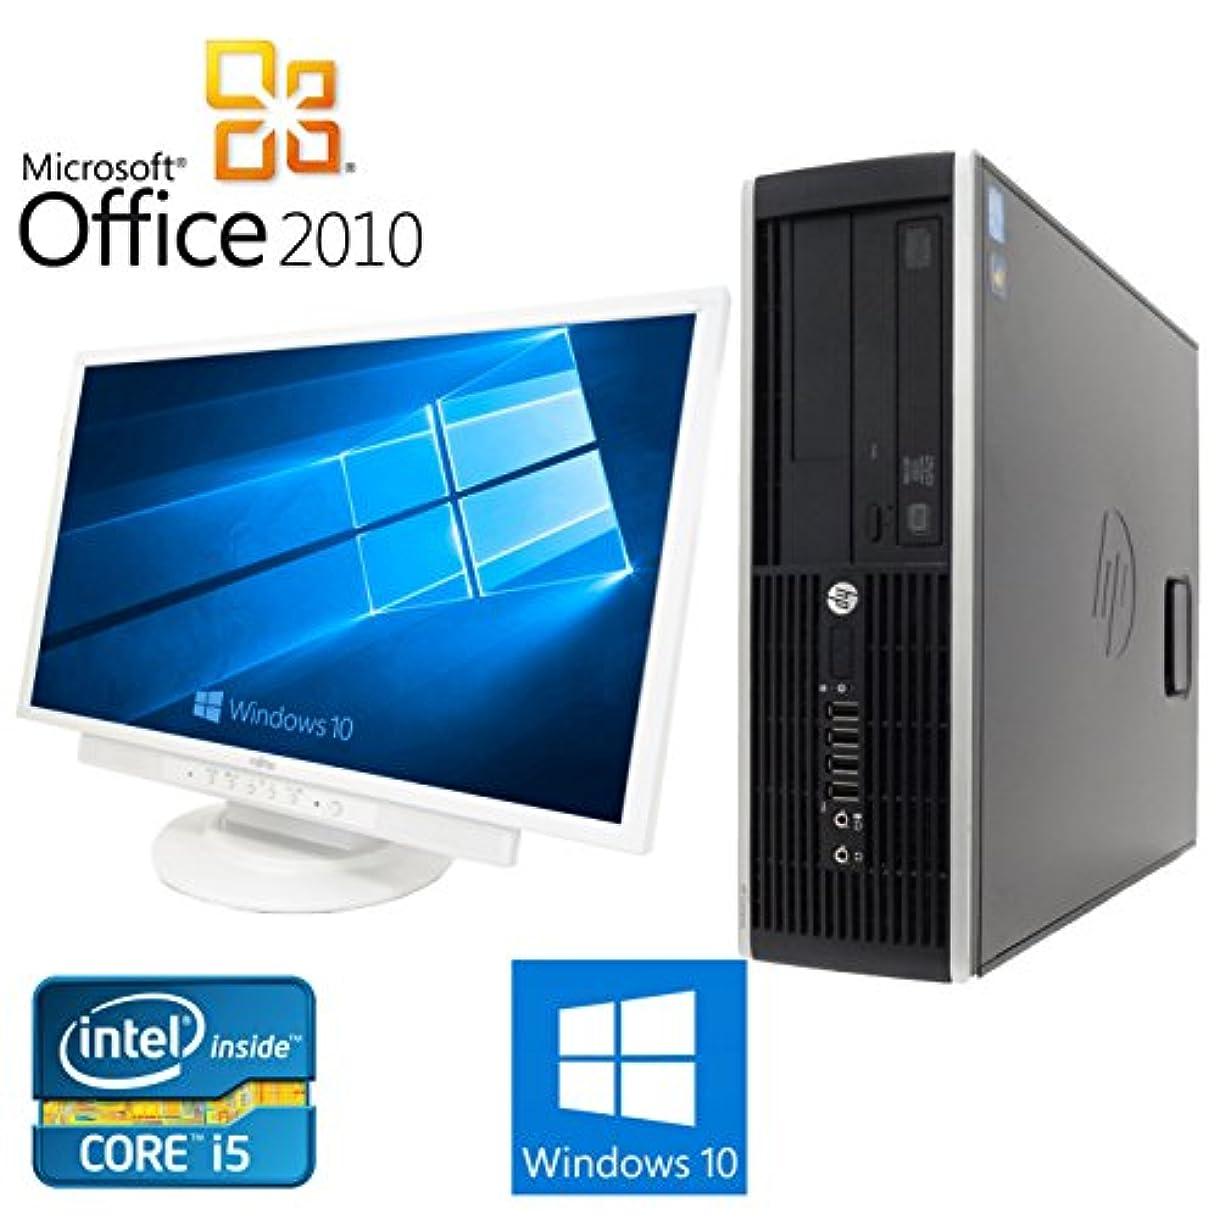 予想外高架航空会社【Microsoft Office2010搭載】【Win 10搭載】【超大画面22インチ液晶セット】HP 6200 Pro/第二世代Core i5 3.1GHz/メモリ4GB/HDD1TB/DVDスーパーマルチ/中古デスクトップパソコン